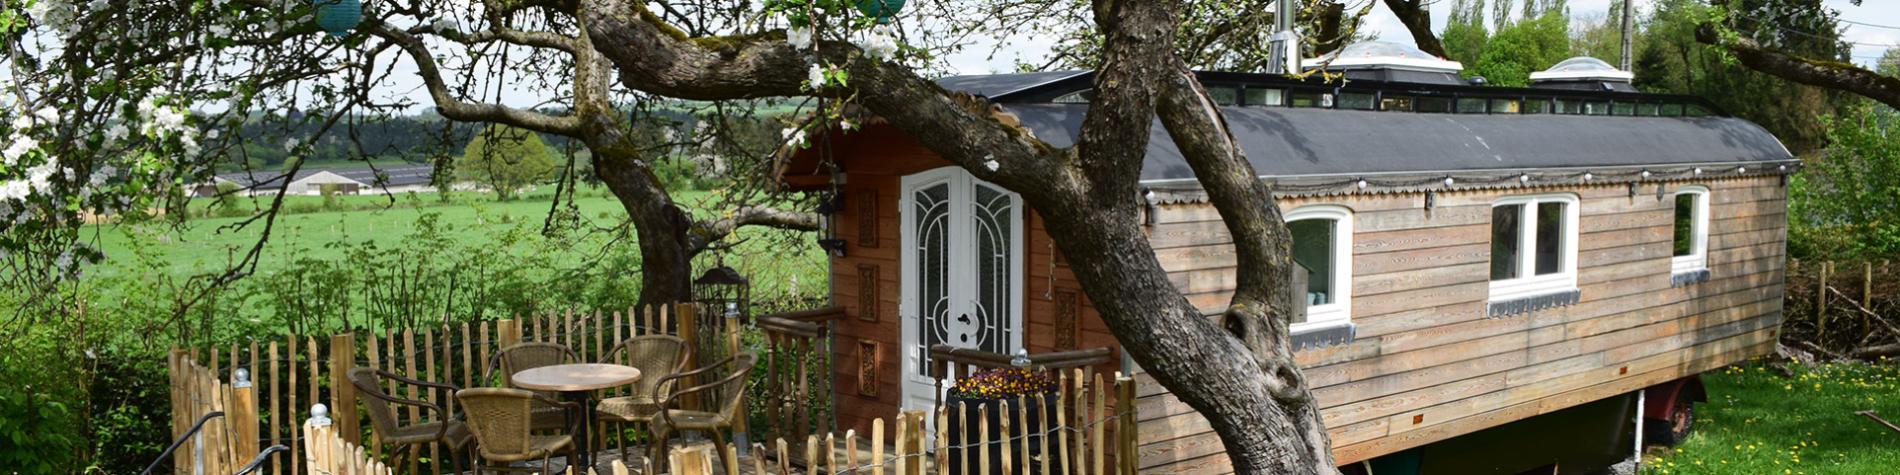 La Roulotte d'Annabelle - mini-maison de vacances - Soy - Erezée